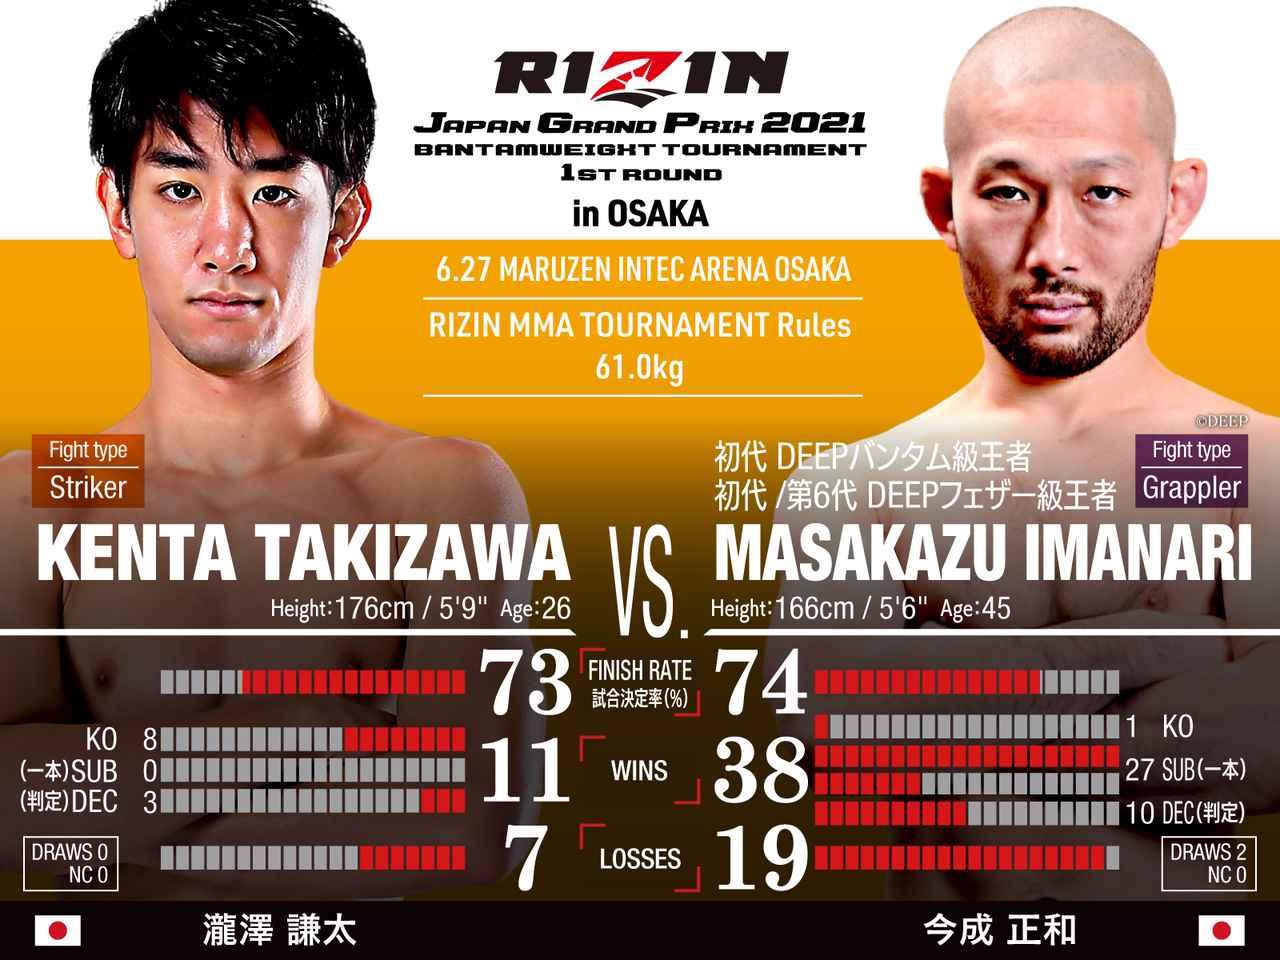 画像: 第10試合 バンタム級トーナメント 1回戦/瀧澤謙太 vs. 今成正和